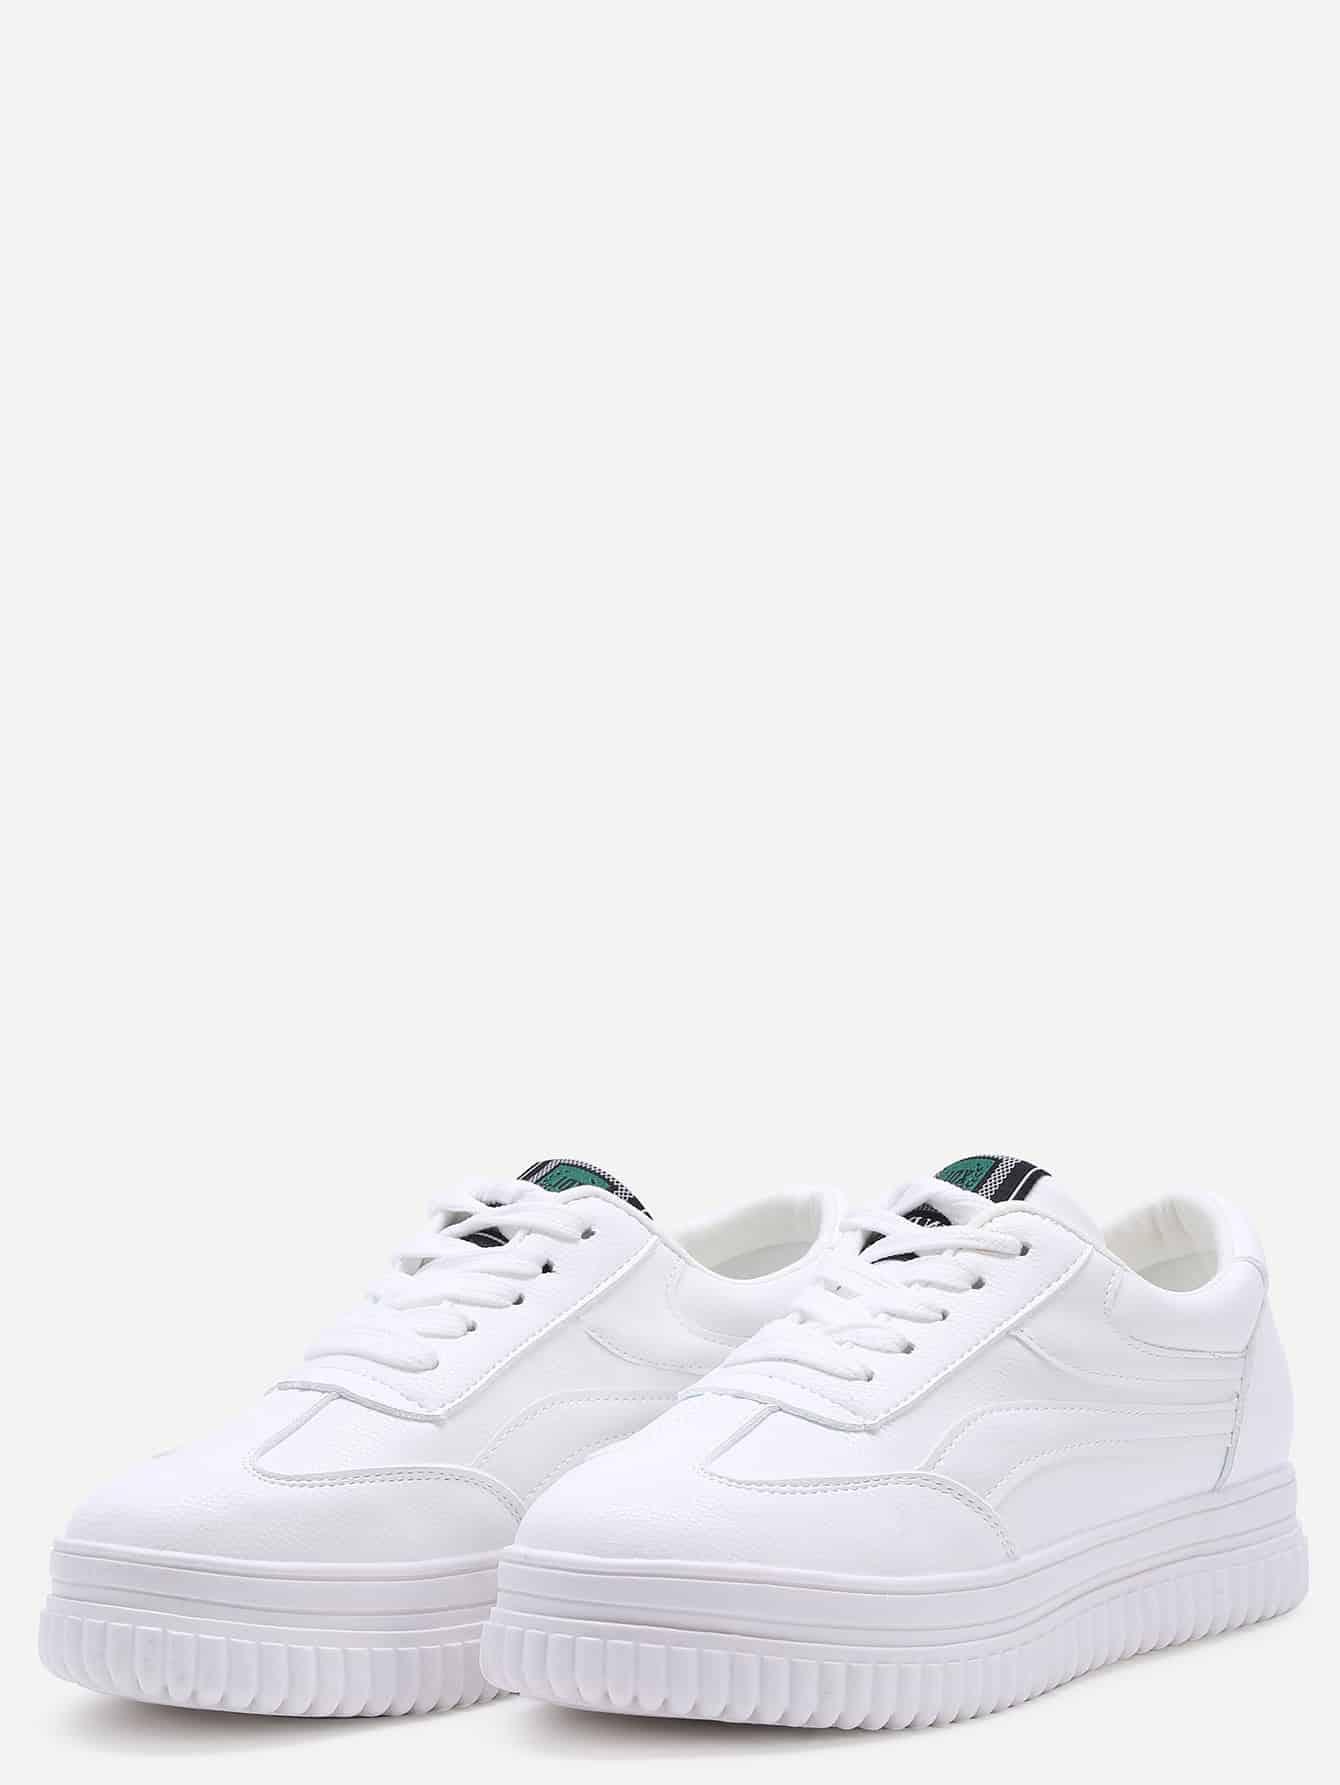 shoes170110808_2